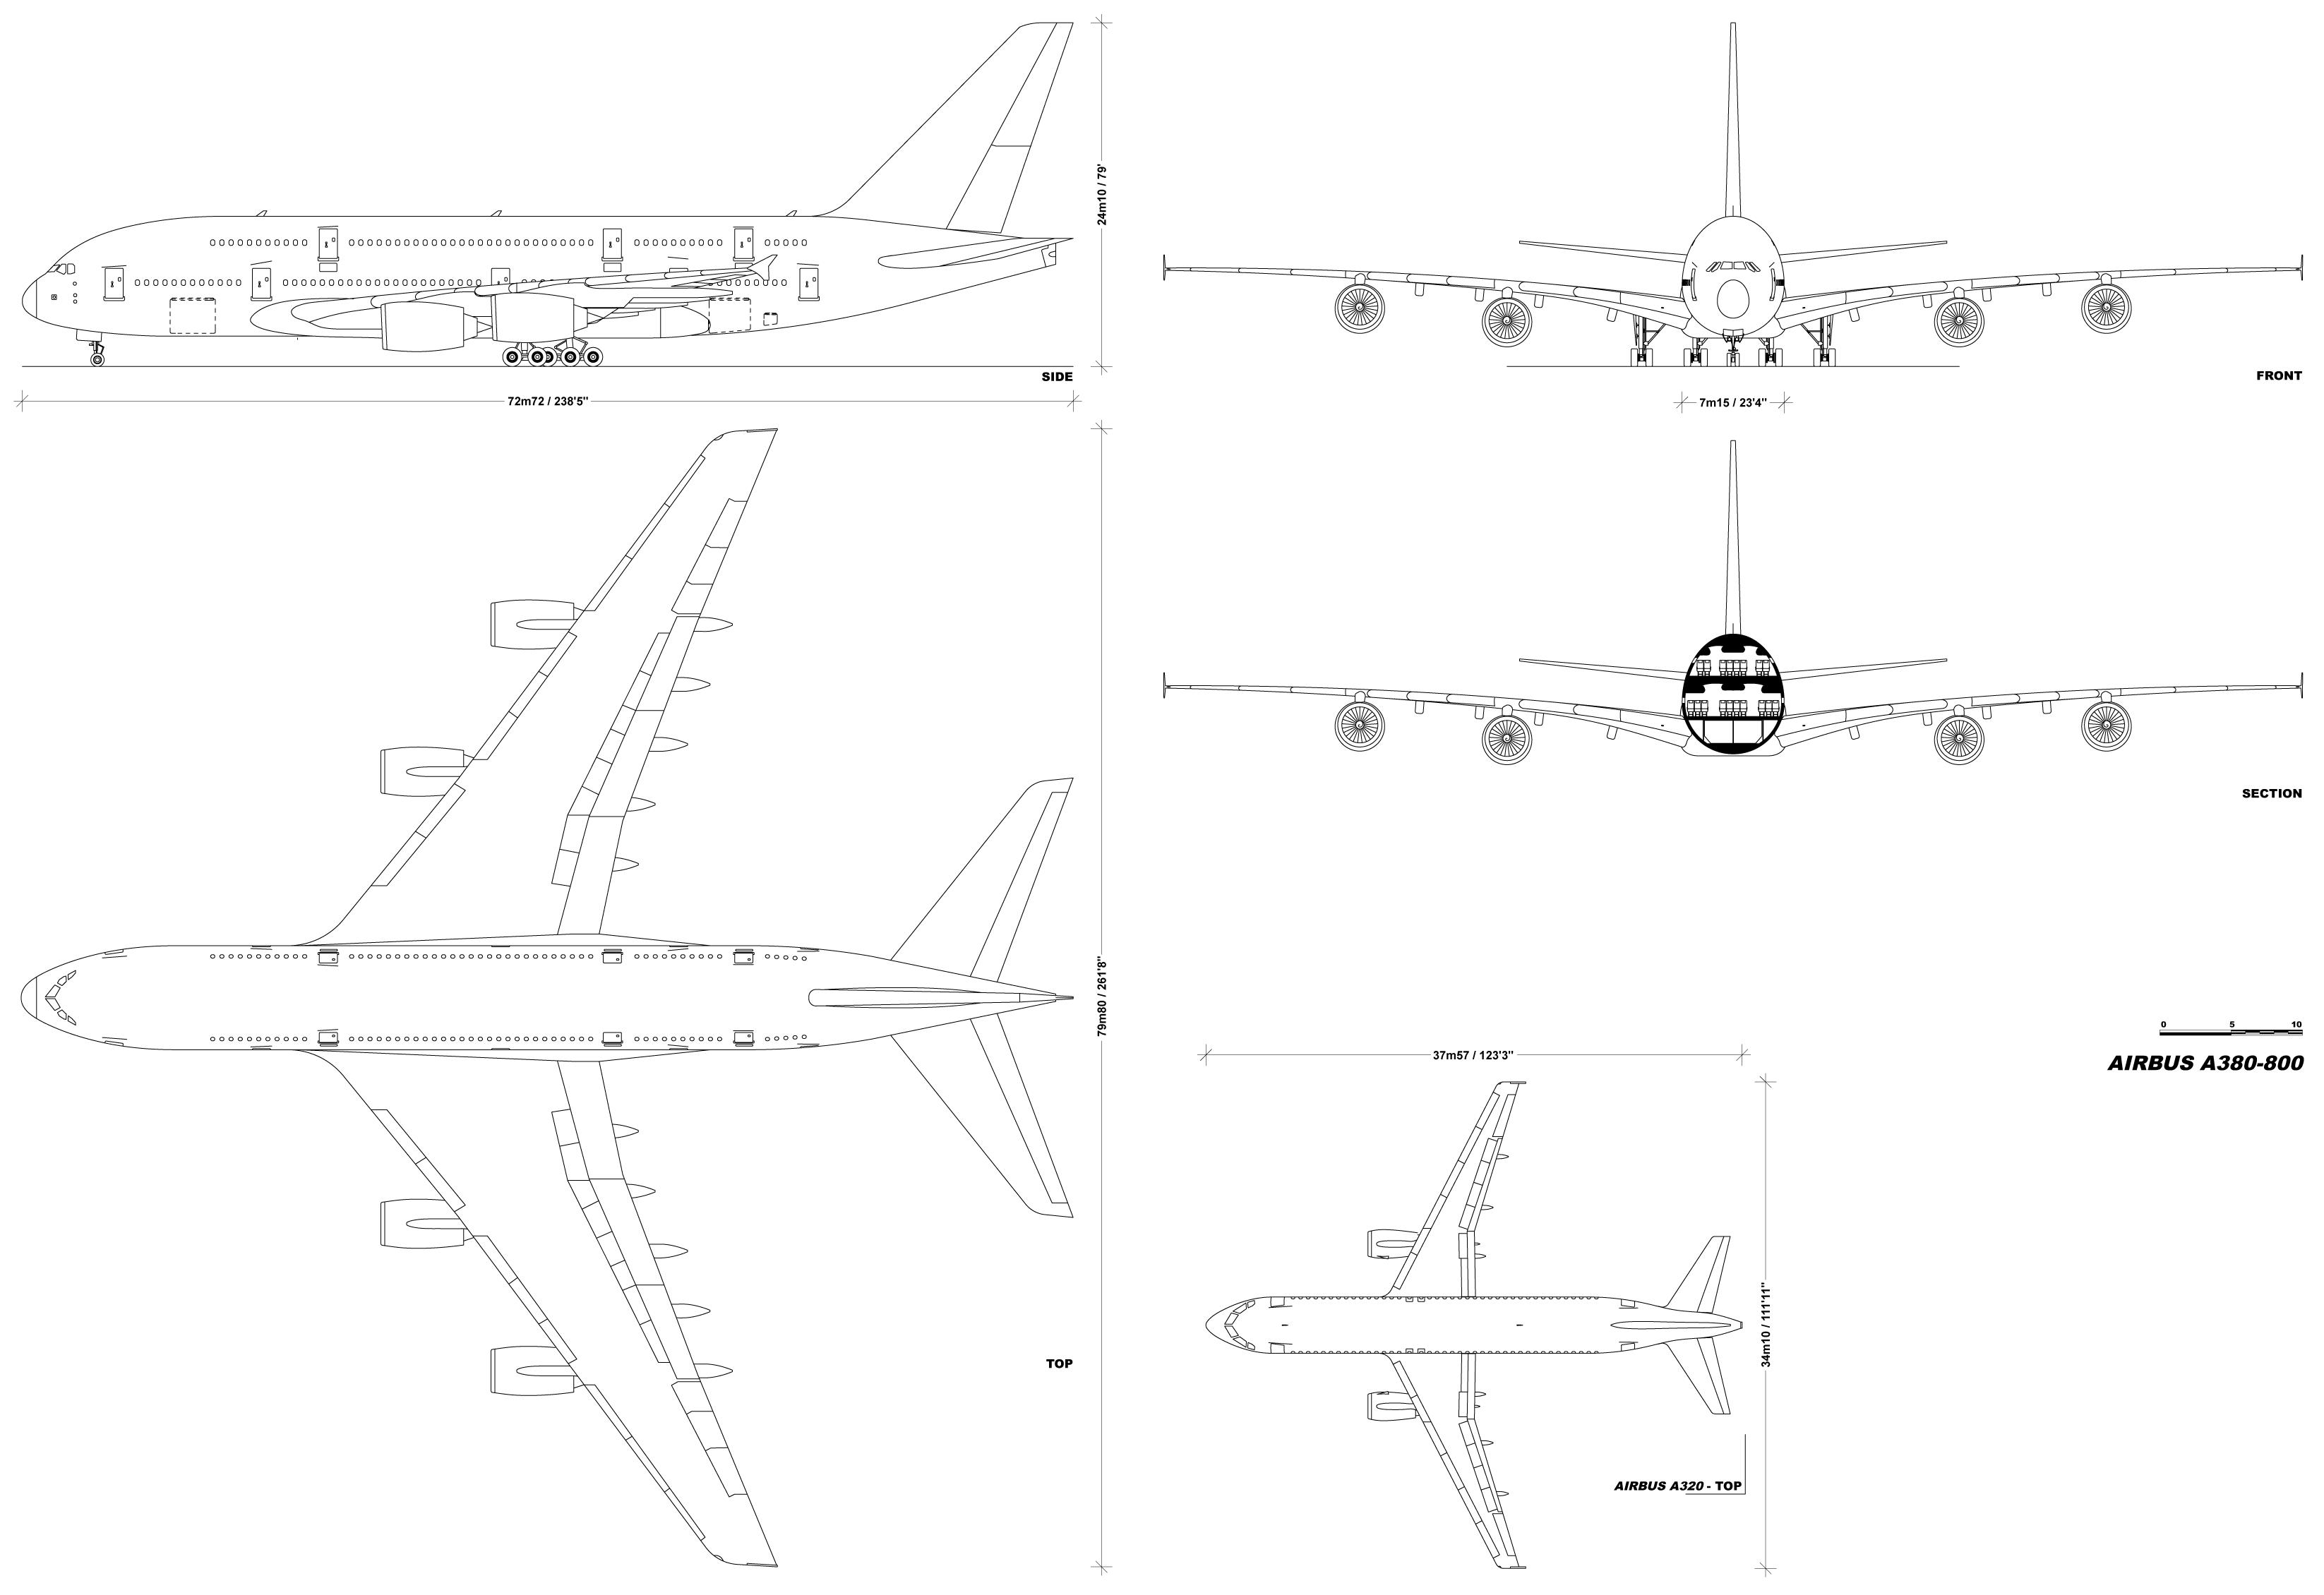 Airbus A380-800 blueprint